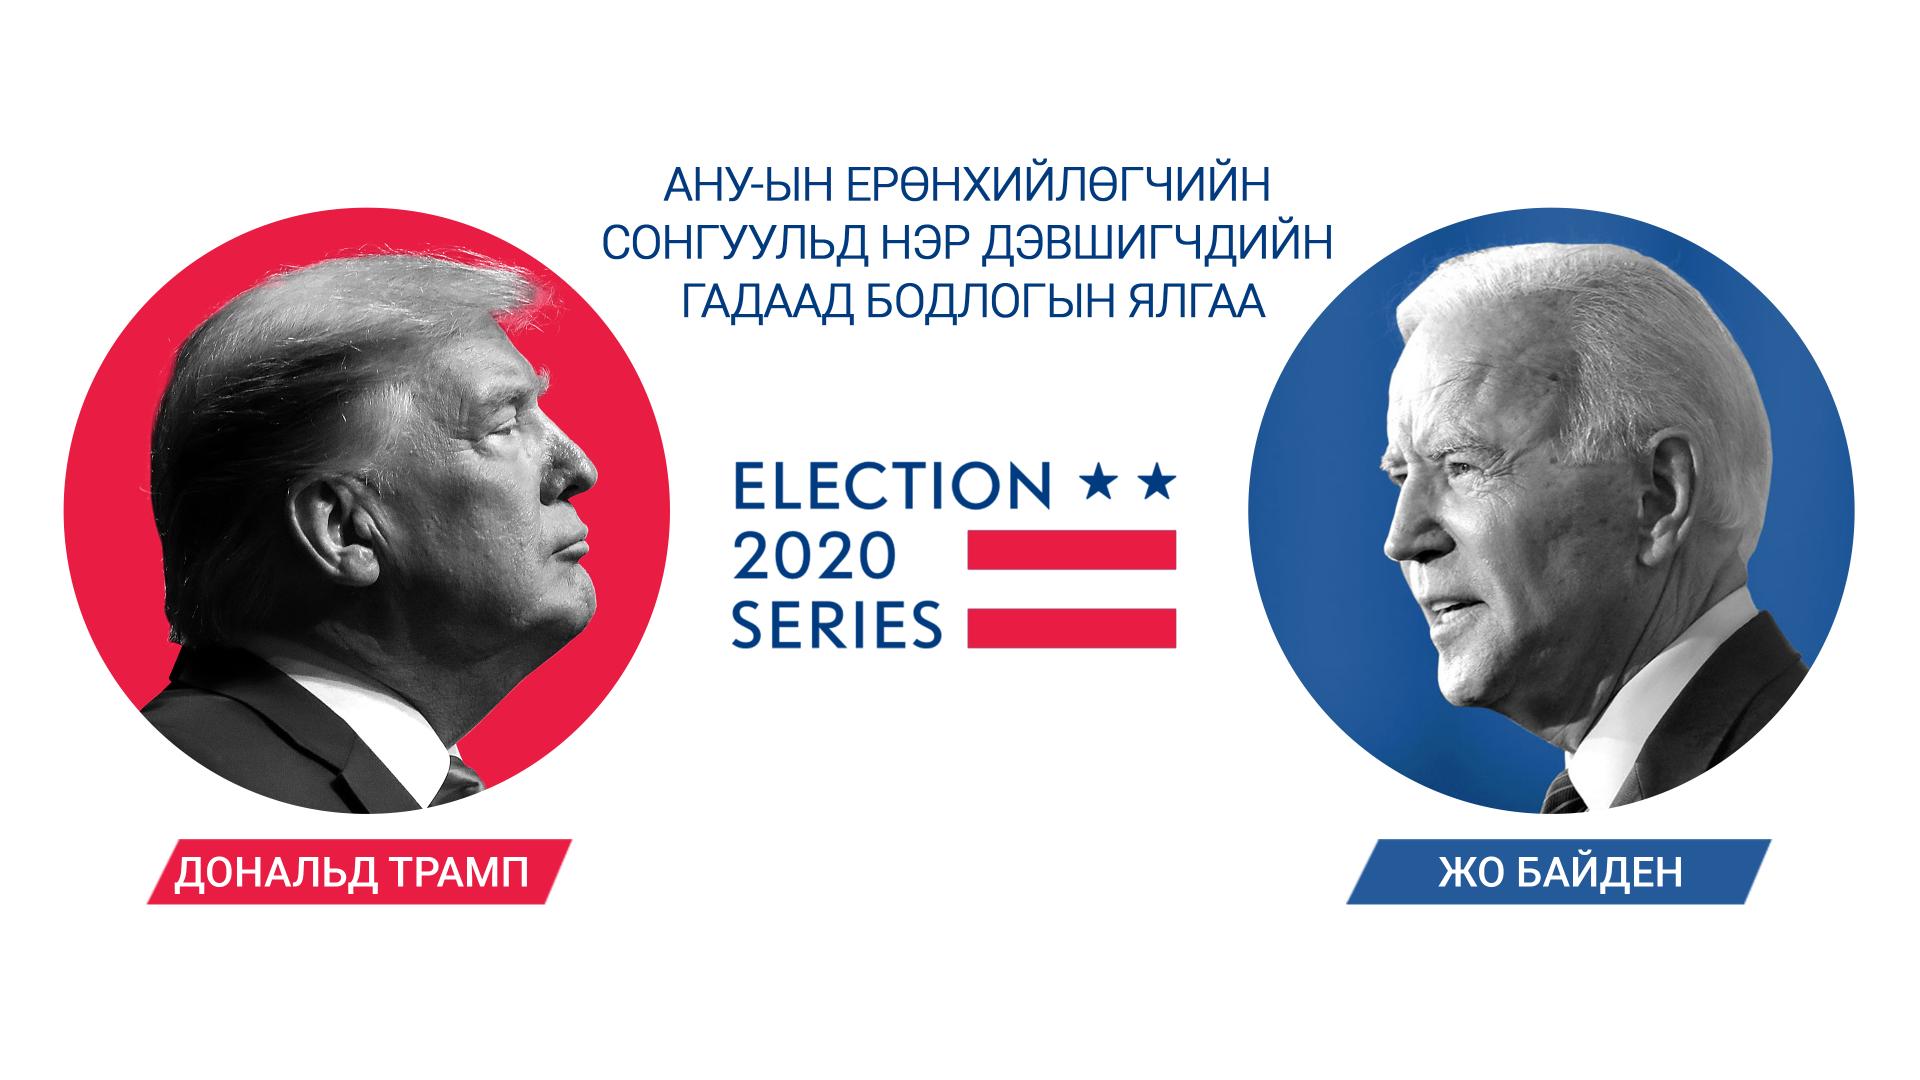 АНУ-ын ерөнхийлөгчийн сонгуульд нэр дэвшигчдийн гадаад бодлогын ялгаа